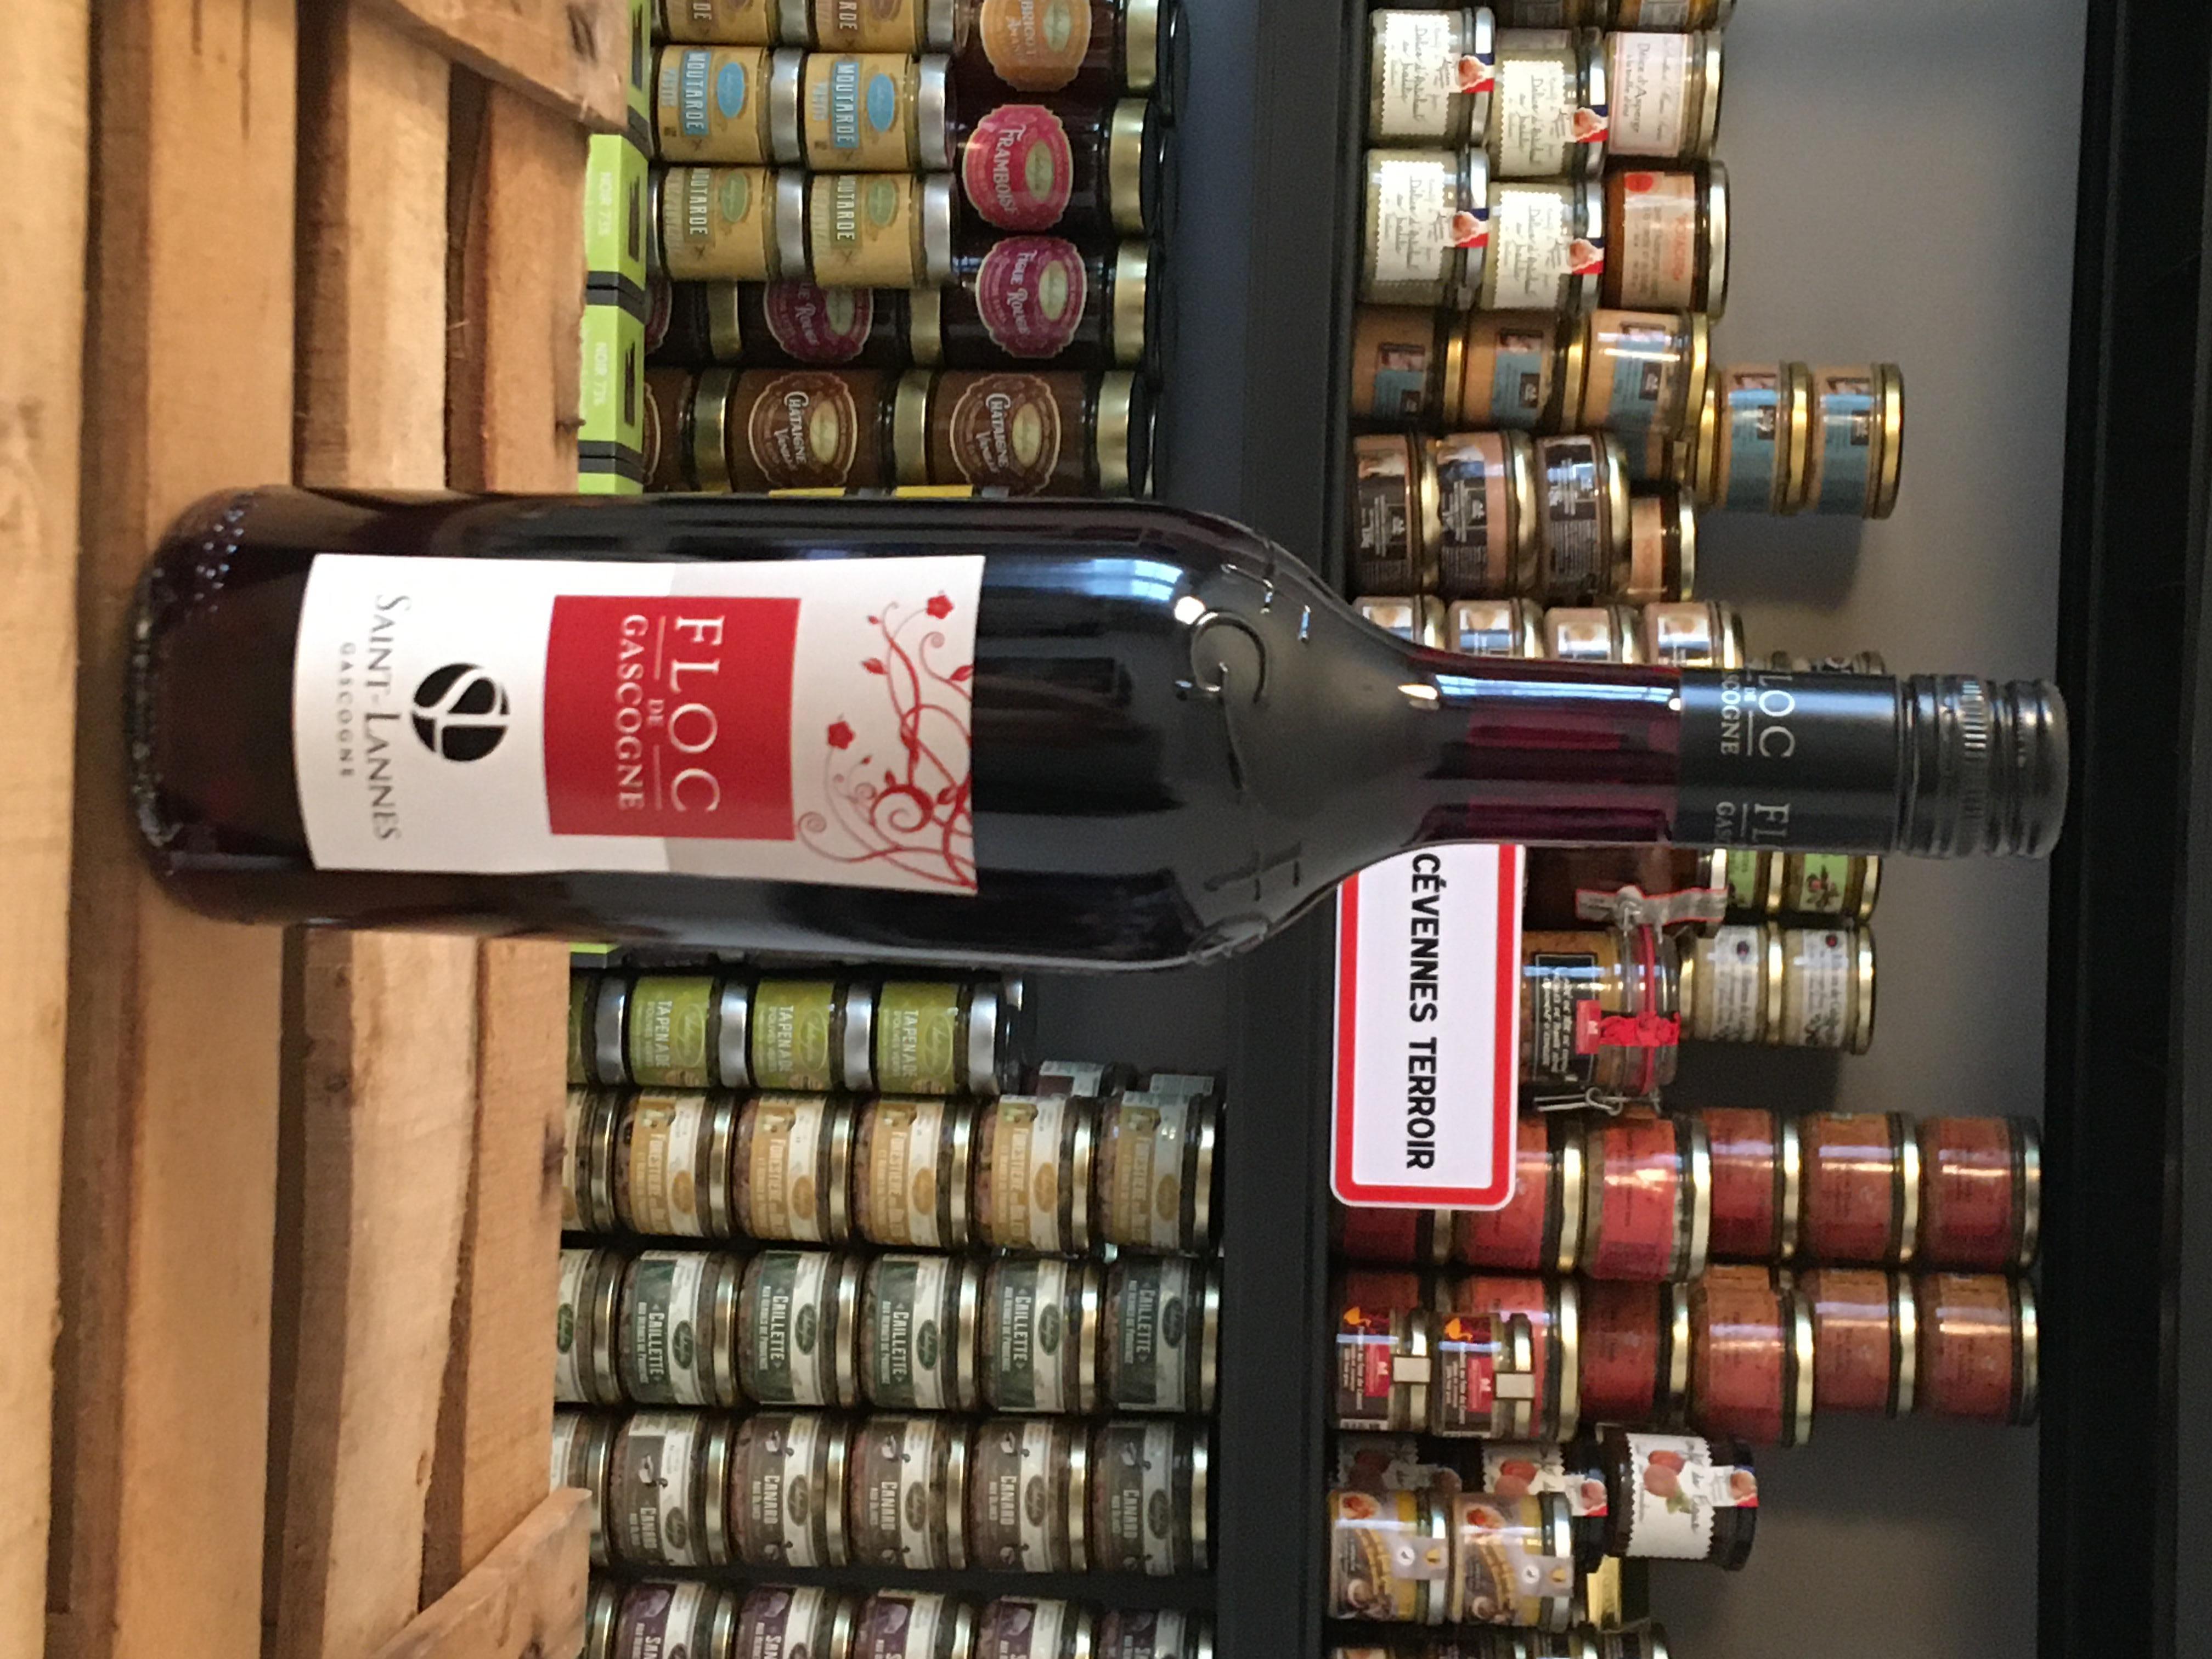 Floc de Gascogne rosé AOC 16.5° 75cl (bouteille Elegance)